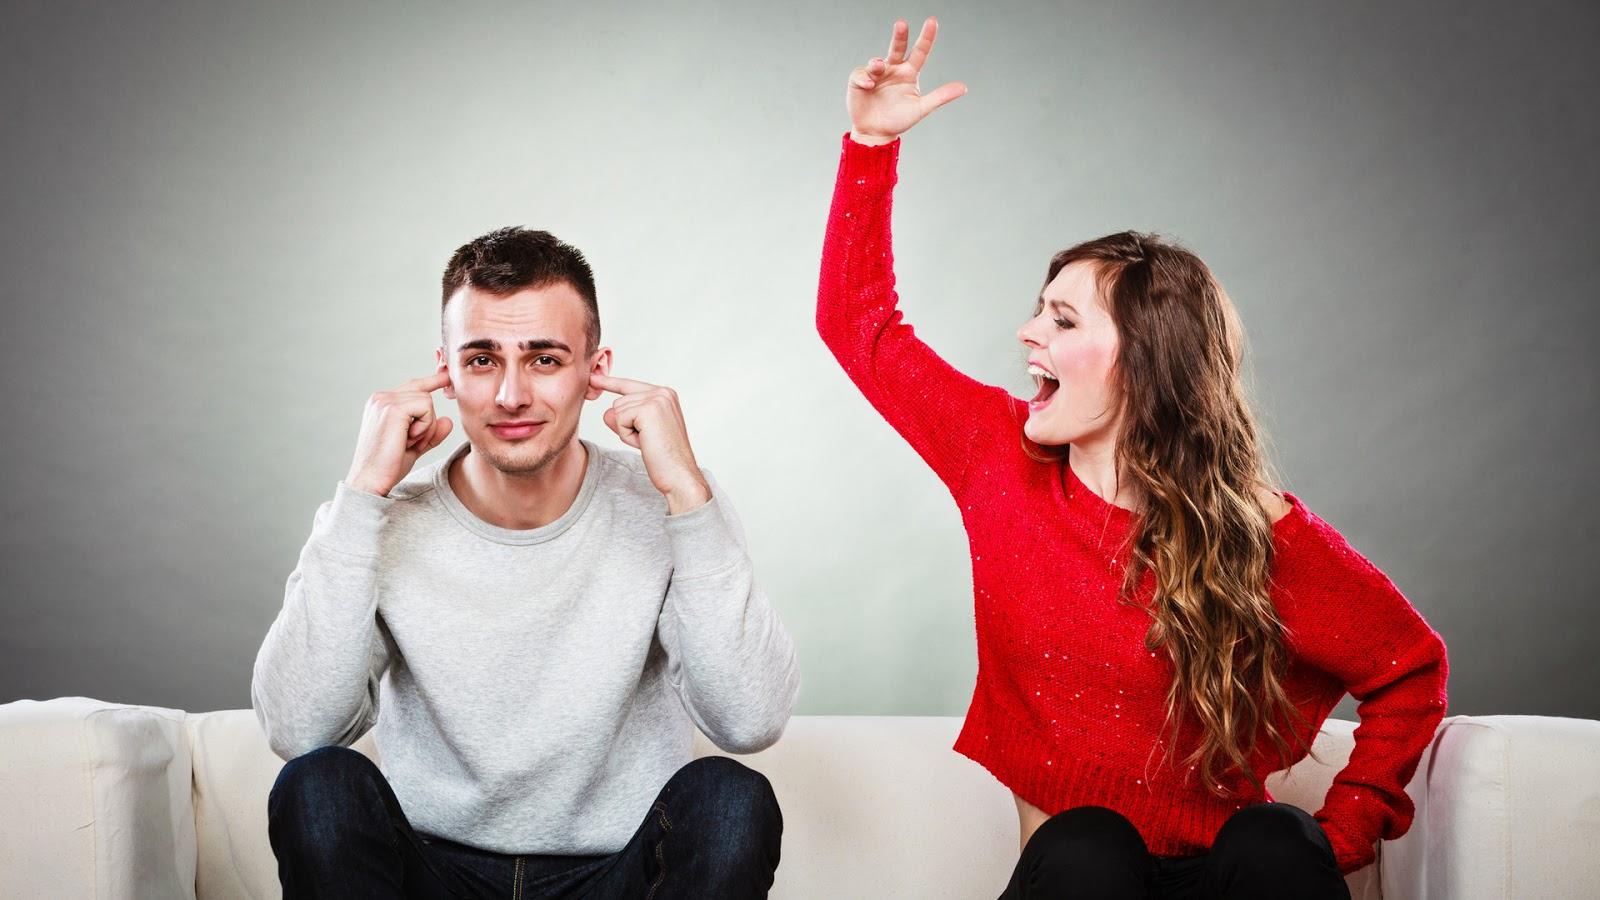 Keresztény randevú oldalak suffolkban